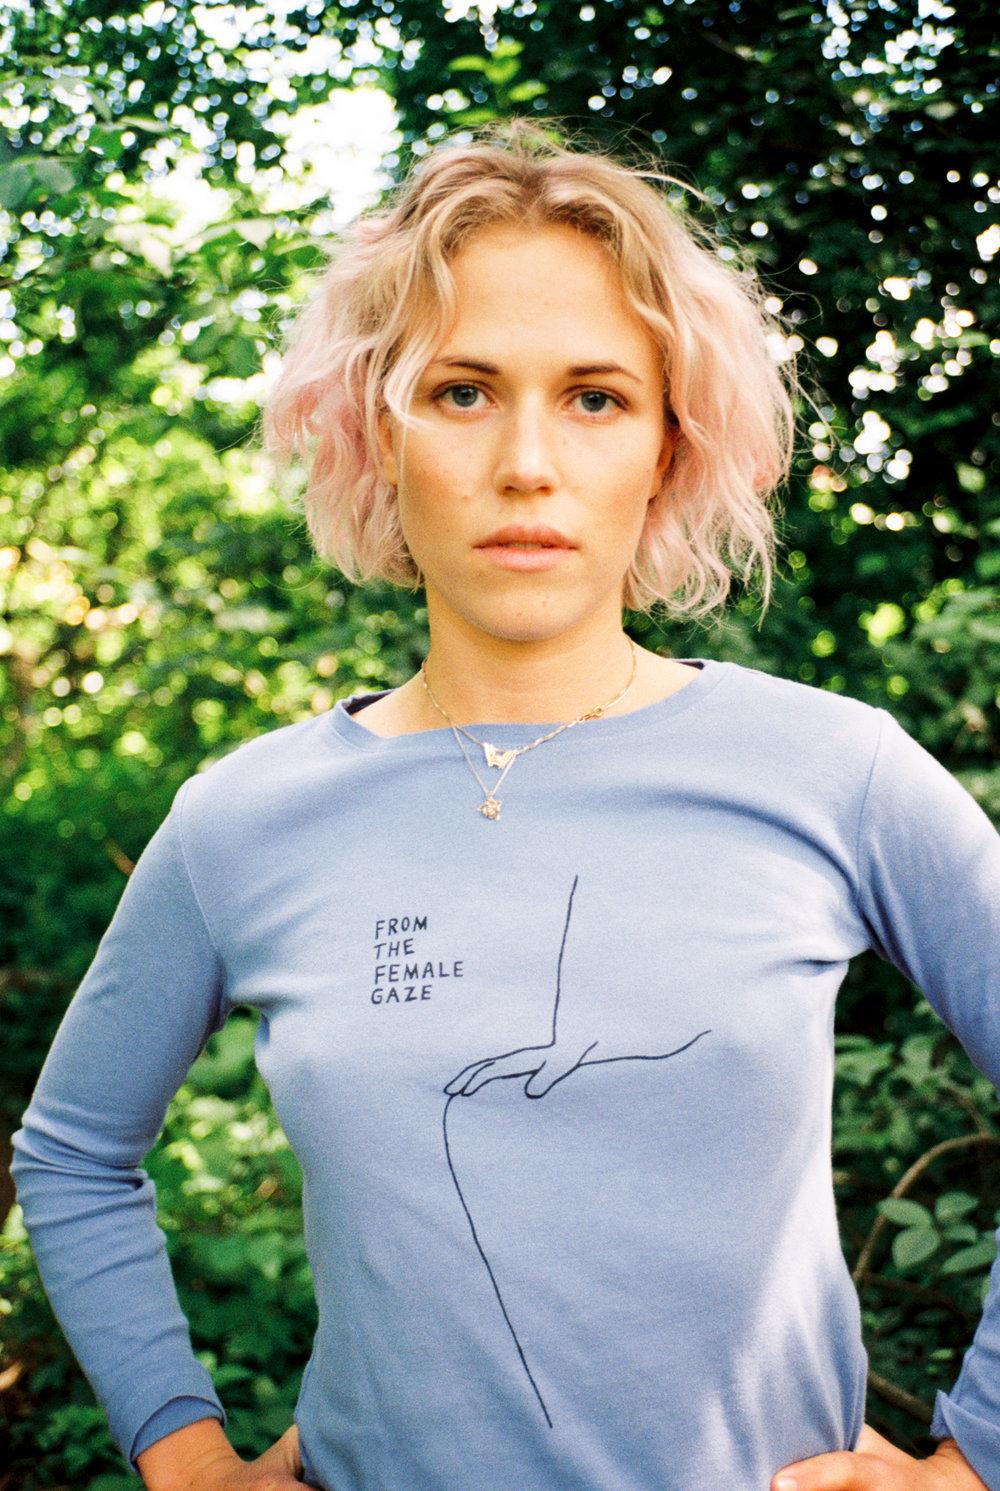 JulianneLeikanger_FTFG-0025.jpg